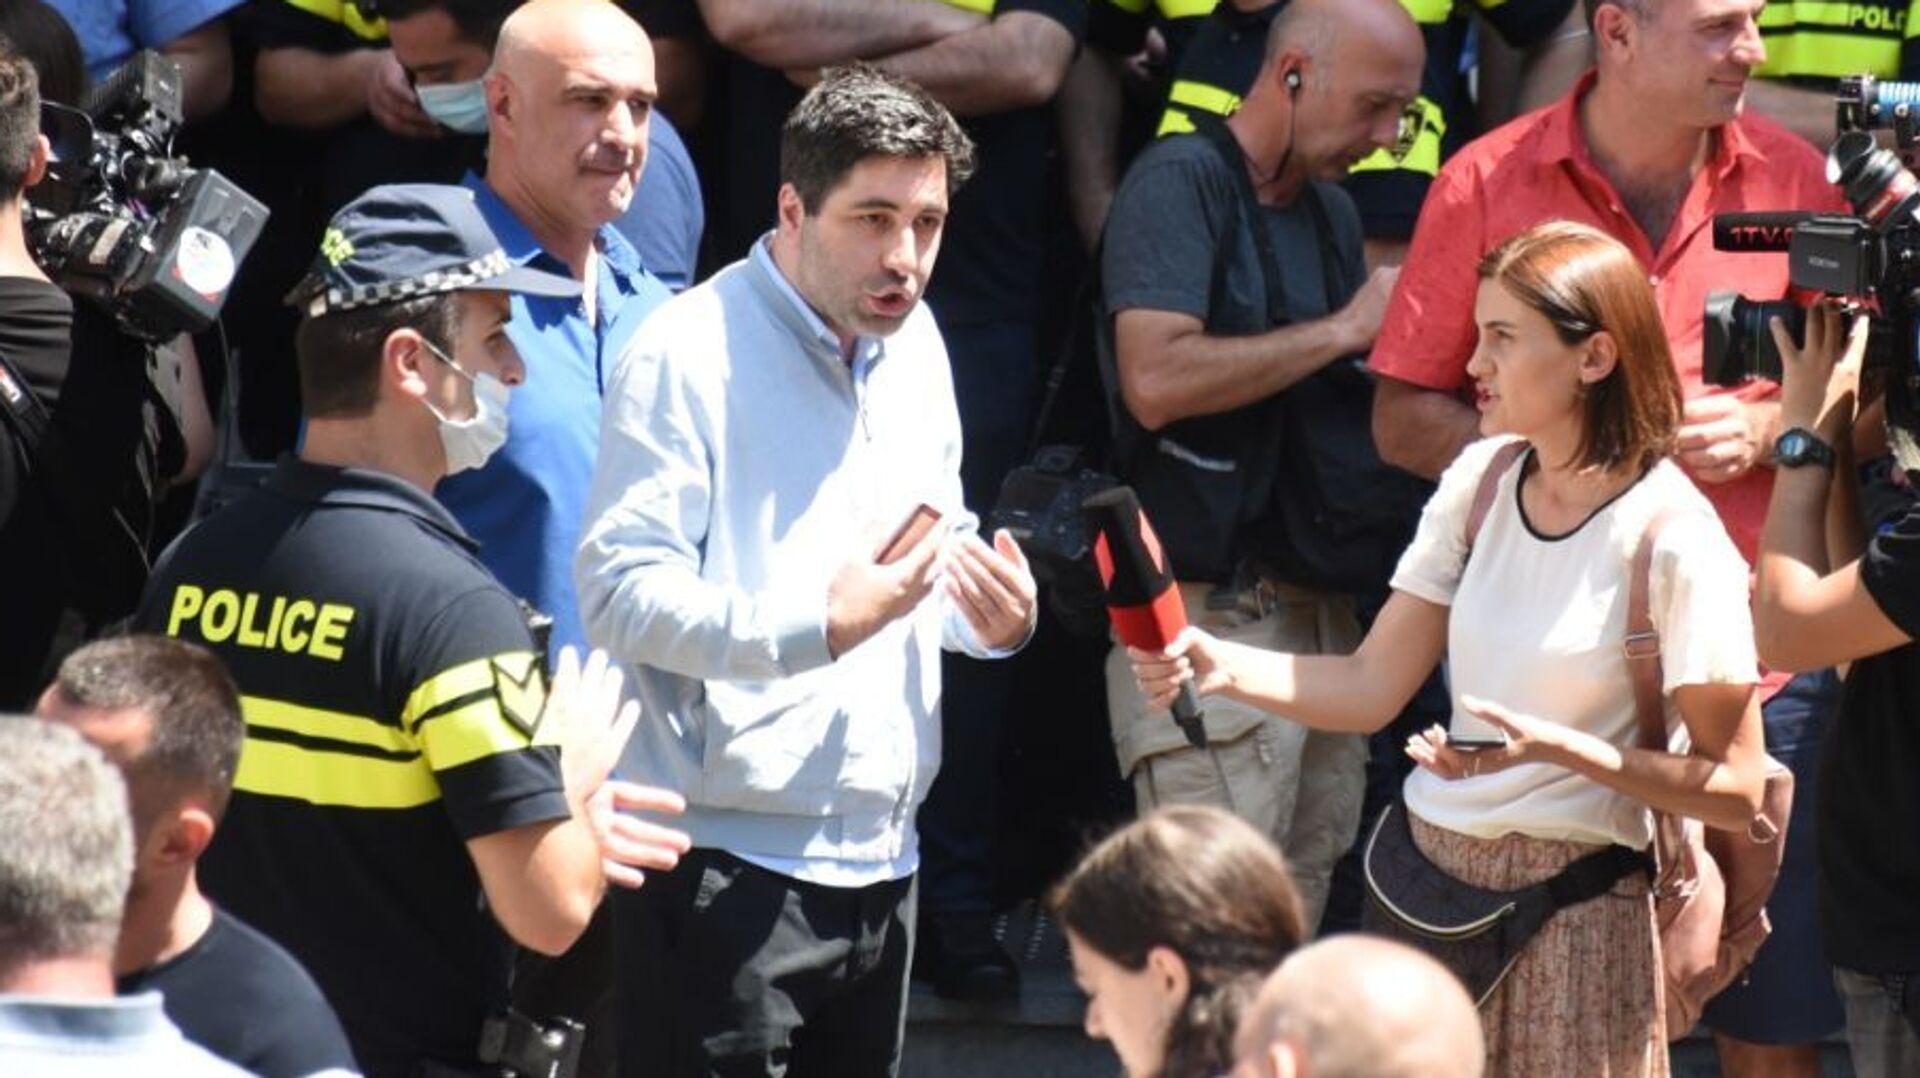 Парламент Грузии - журналисты и операторы телеканалов и полицейские у входа в здание 18 июля 2021 года - Sputnik Грузия, 1920, 02.09.2021